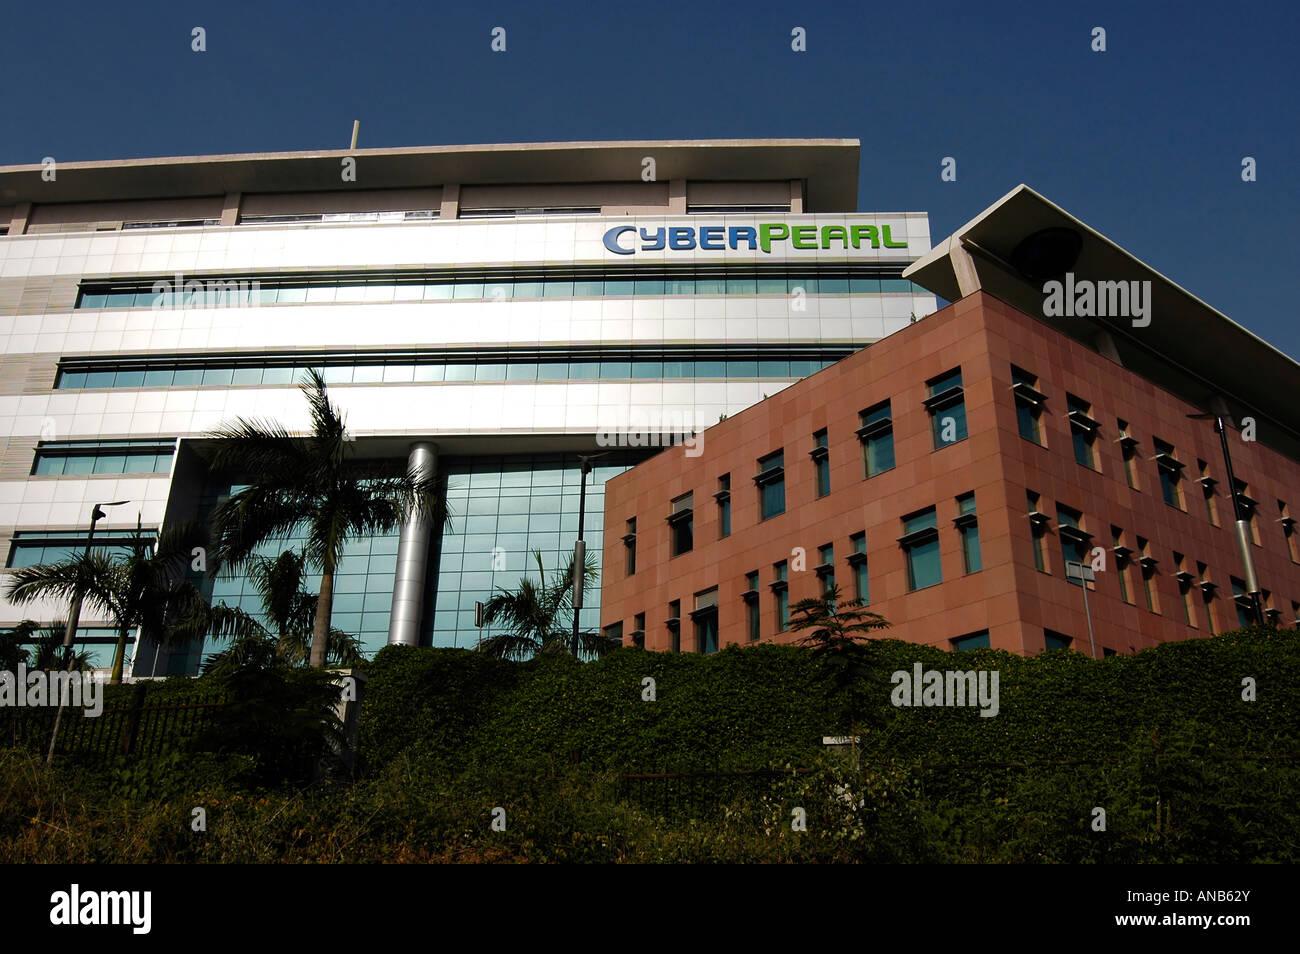 Il 'Cyber perla' edificio in Hyderabad è park, India Centrale. Immagini Stock